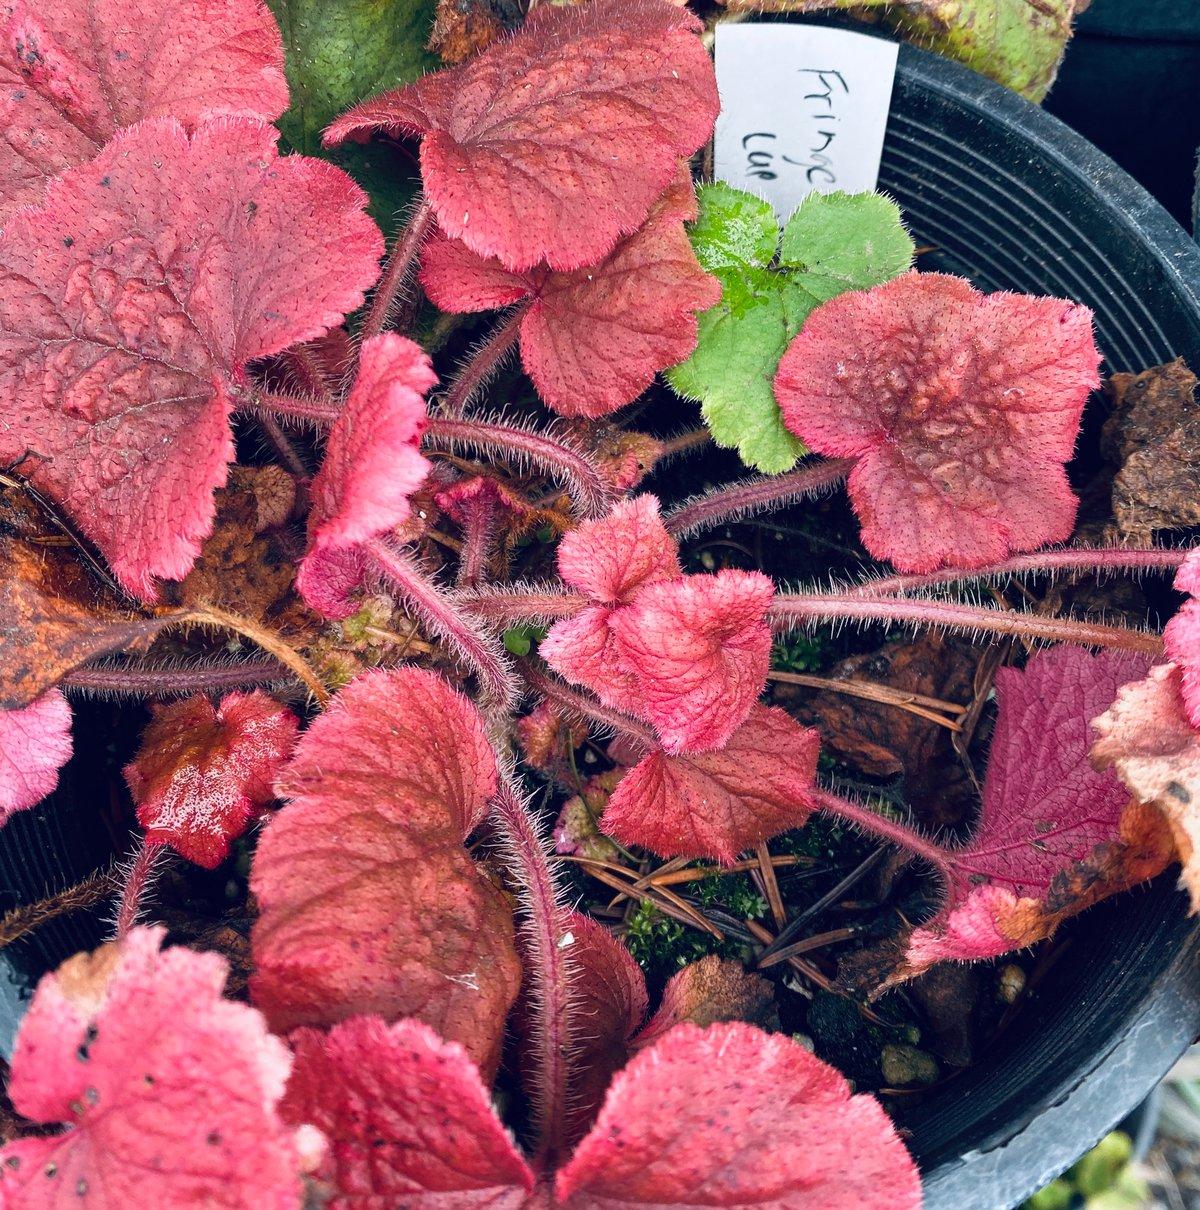 Fringecup : Tellima grandiflora